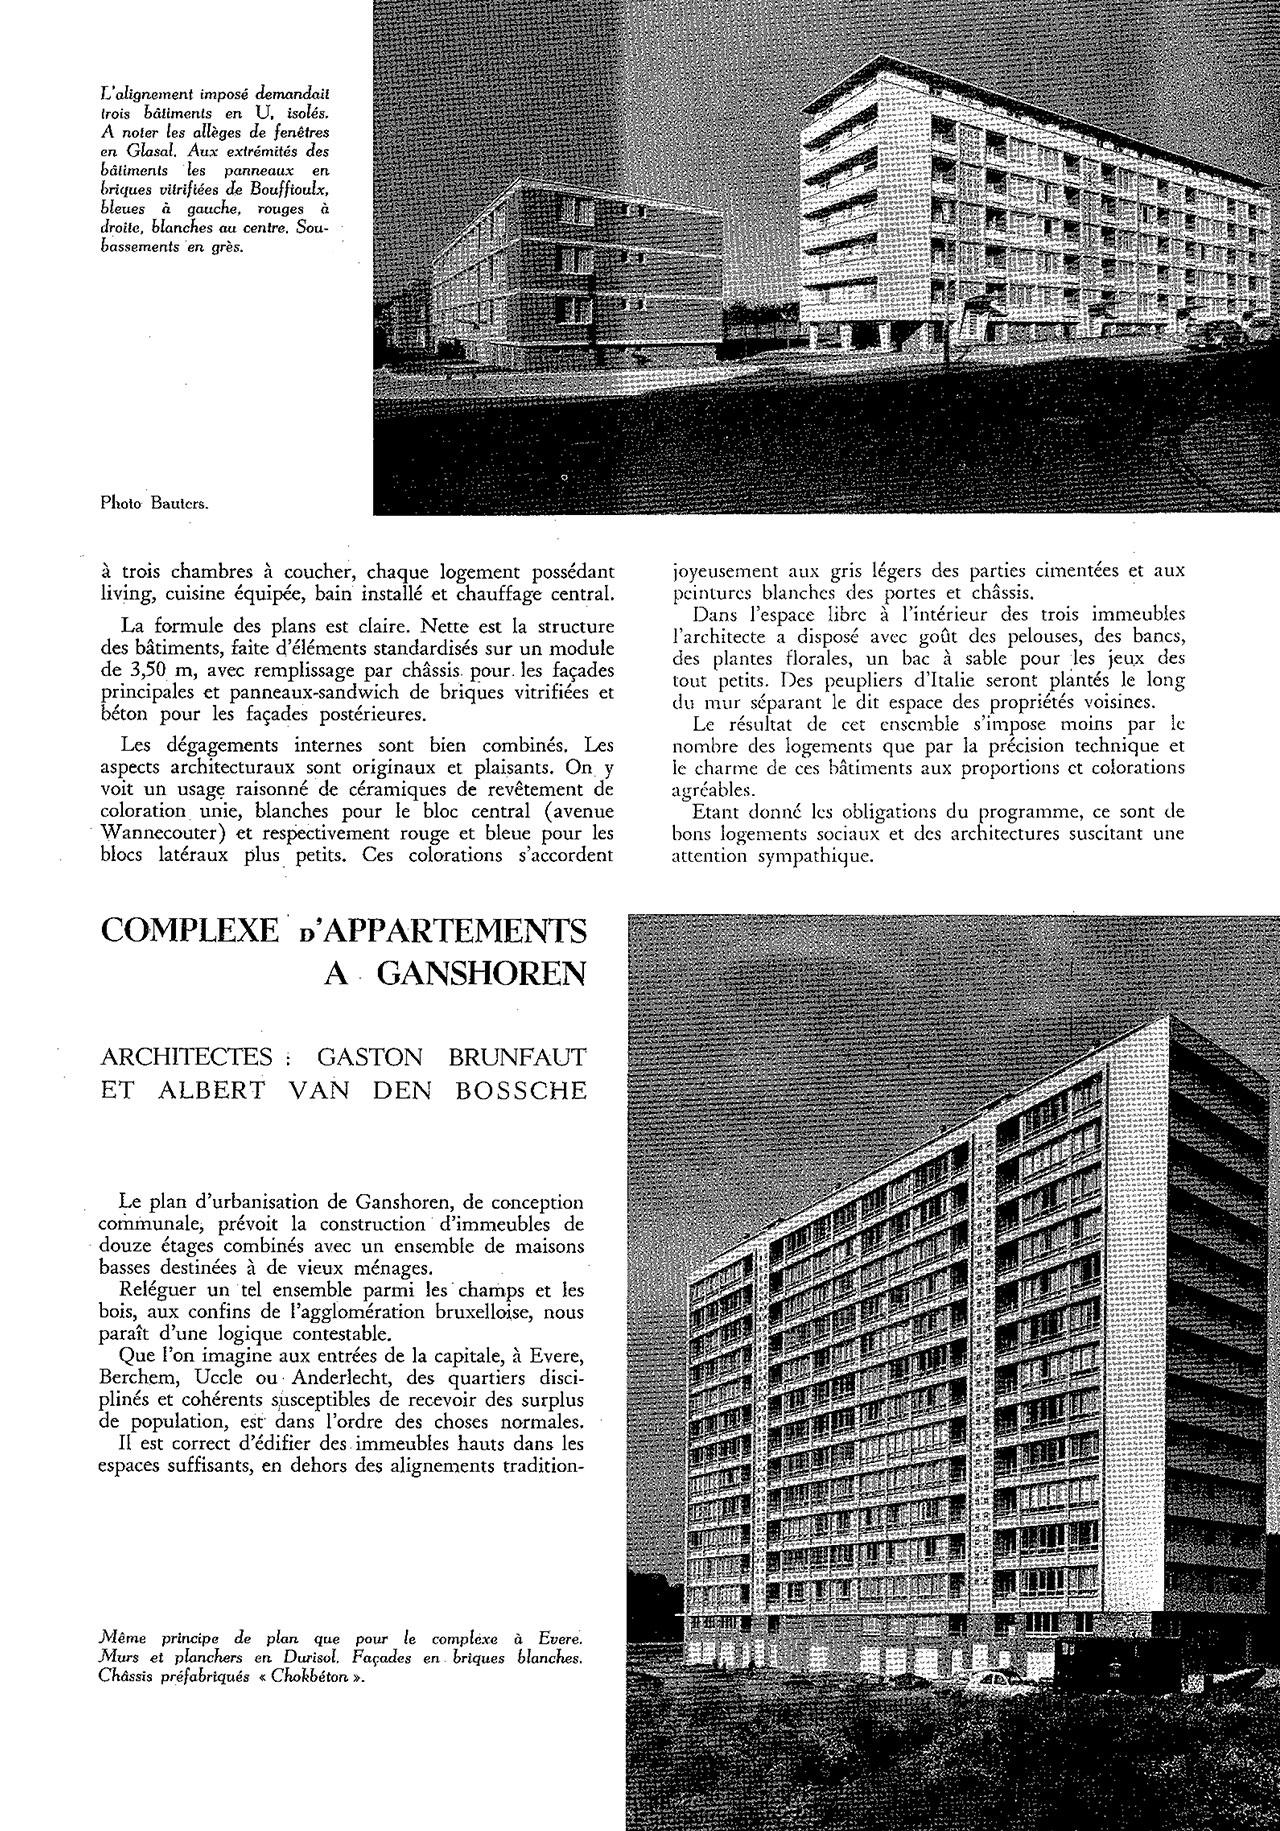 Complexe d'appartements à Ganshoren